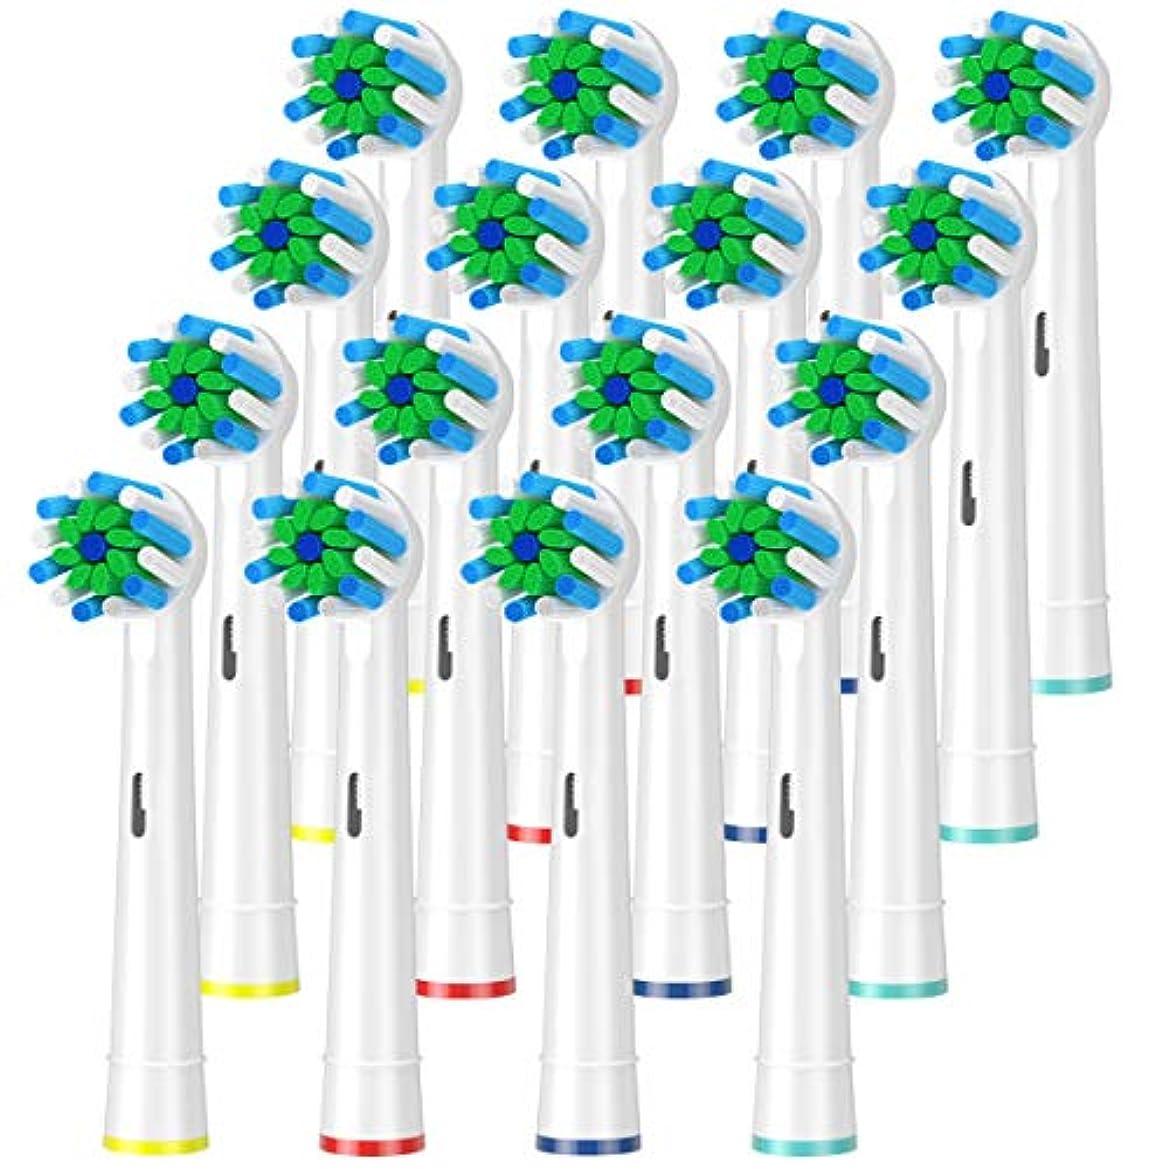 バズポンペイクロスITECHNIK ブラウン 電動歯ブラシ 対応 替えブラシ ブラウン オーラルB 替えブラシ Crossaction (16)